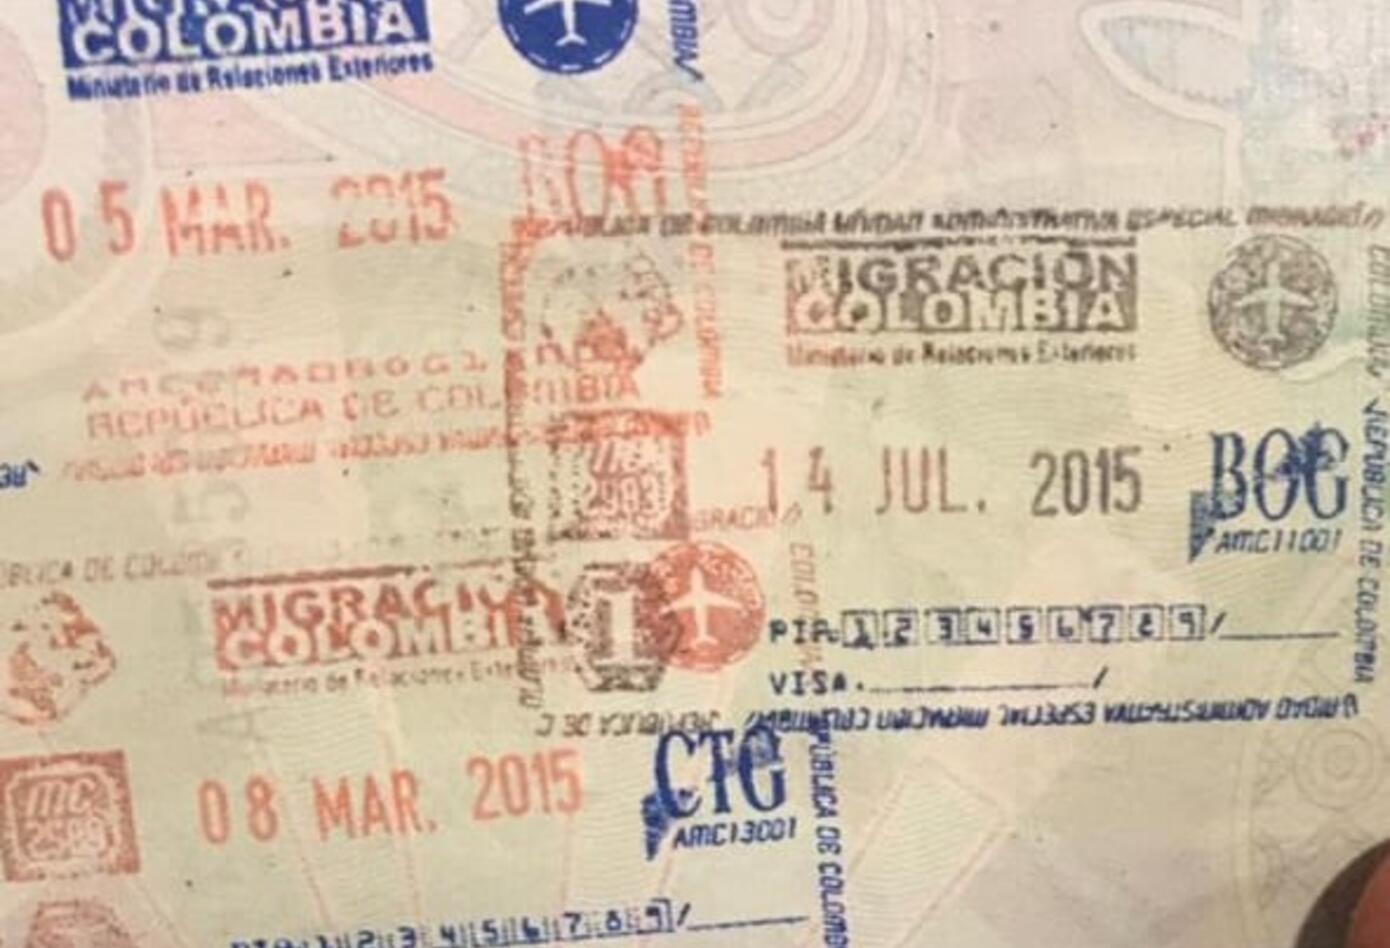 Pasaporte del Colombiano detenido en Barceona, con drogas